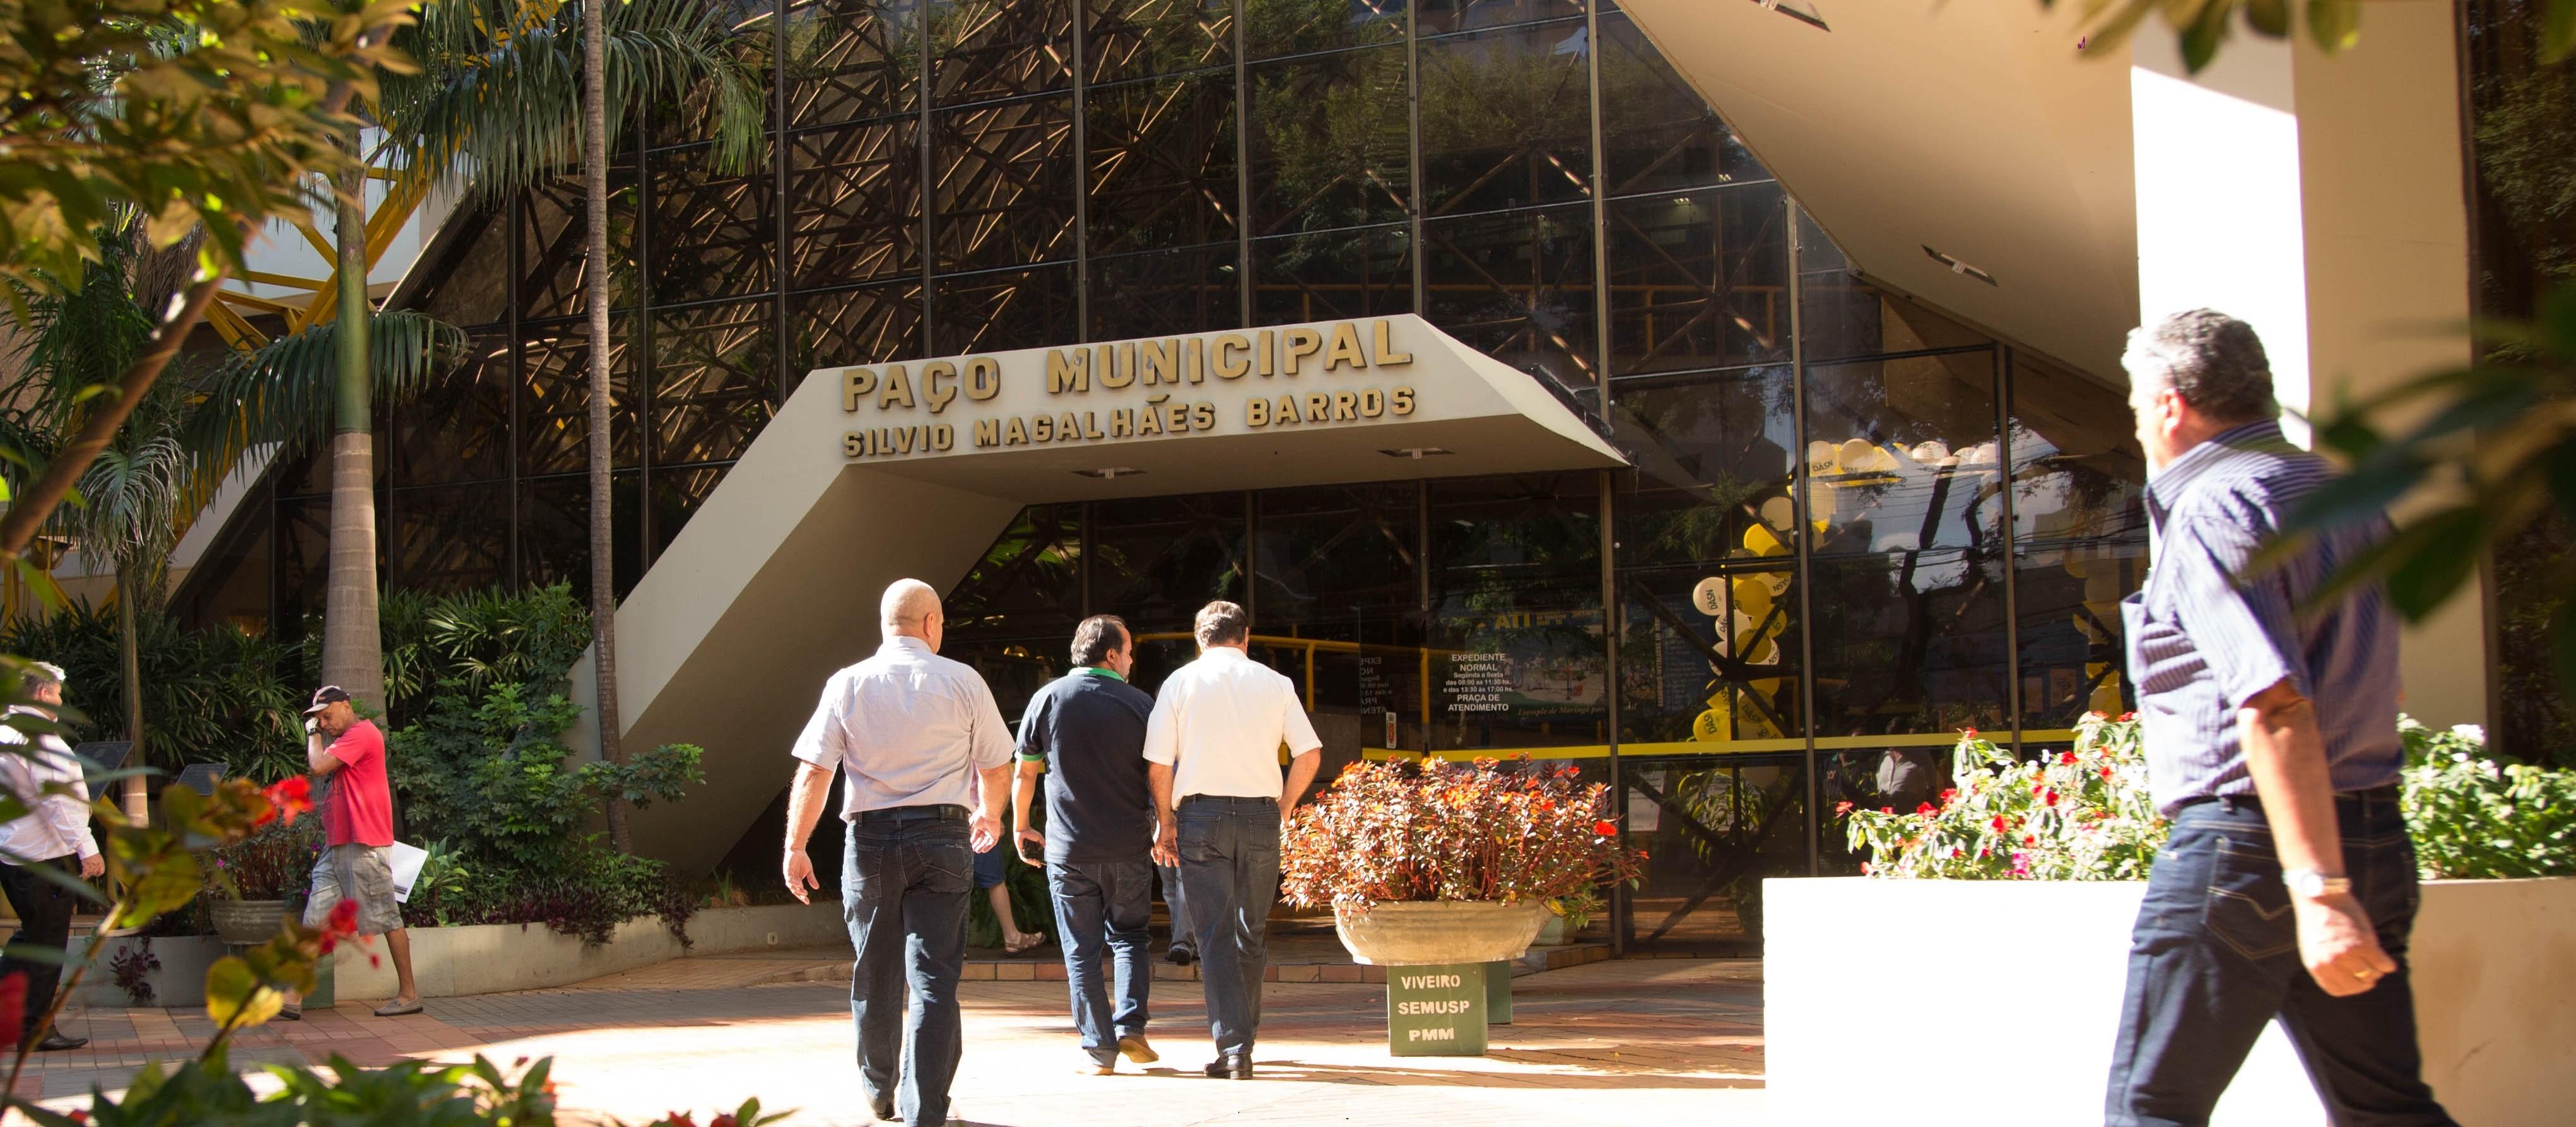 Prefeitura reduz expediente por conta da Copa do Mundo